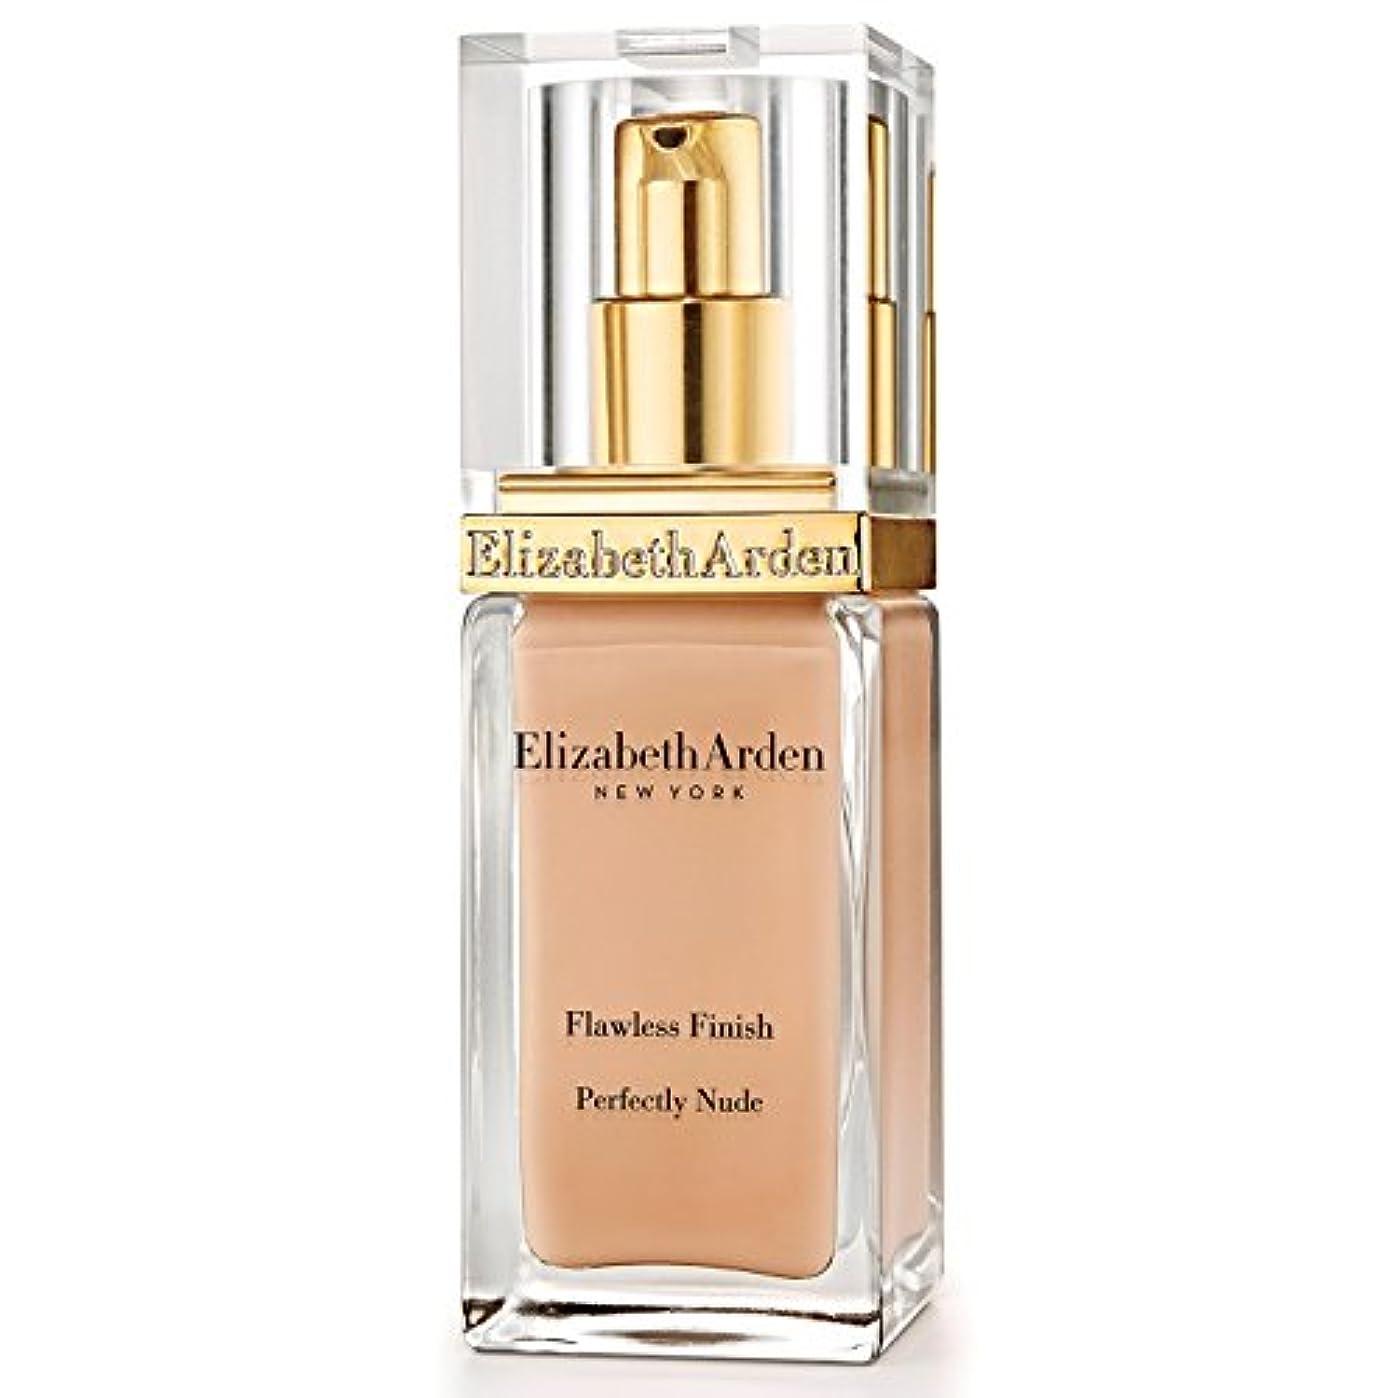 書く贅沢若いエリザベスは、完璧な仕上がり完璧ヌードファンデーション 15バニラシェイクをアーデン x4 - Elizabeth Arden Flawless Finish Perfectly Nude Foundation SPF...